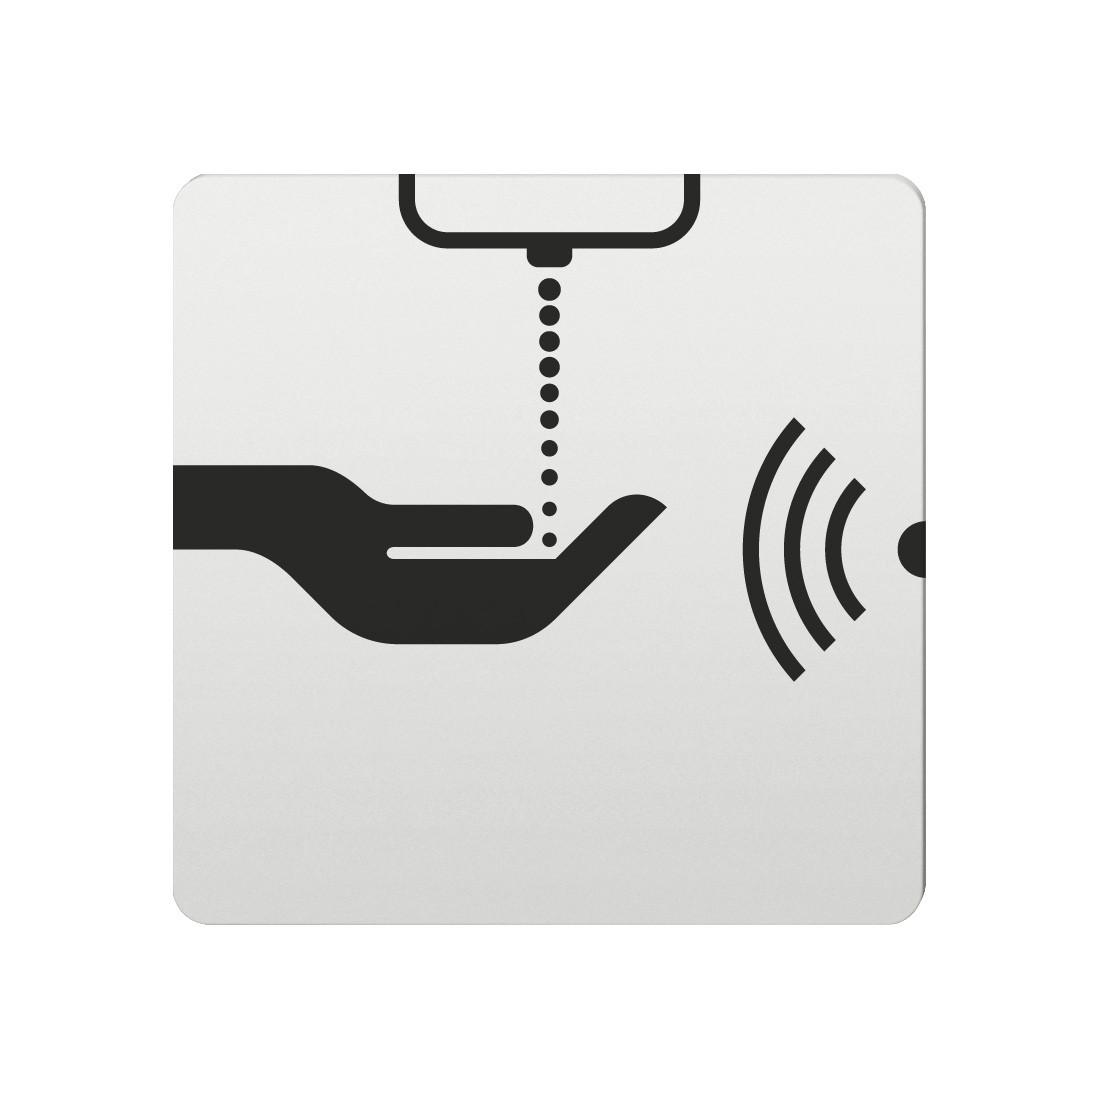 FSB Hinweiszeichen WC (opto.) Lasergraviert Aluminium naturfarbig (0 36 4059 00111 0105)